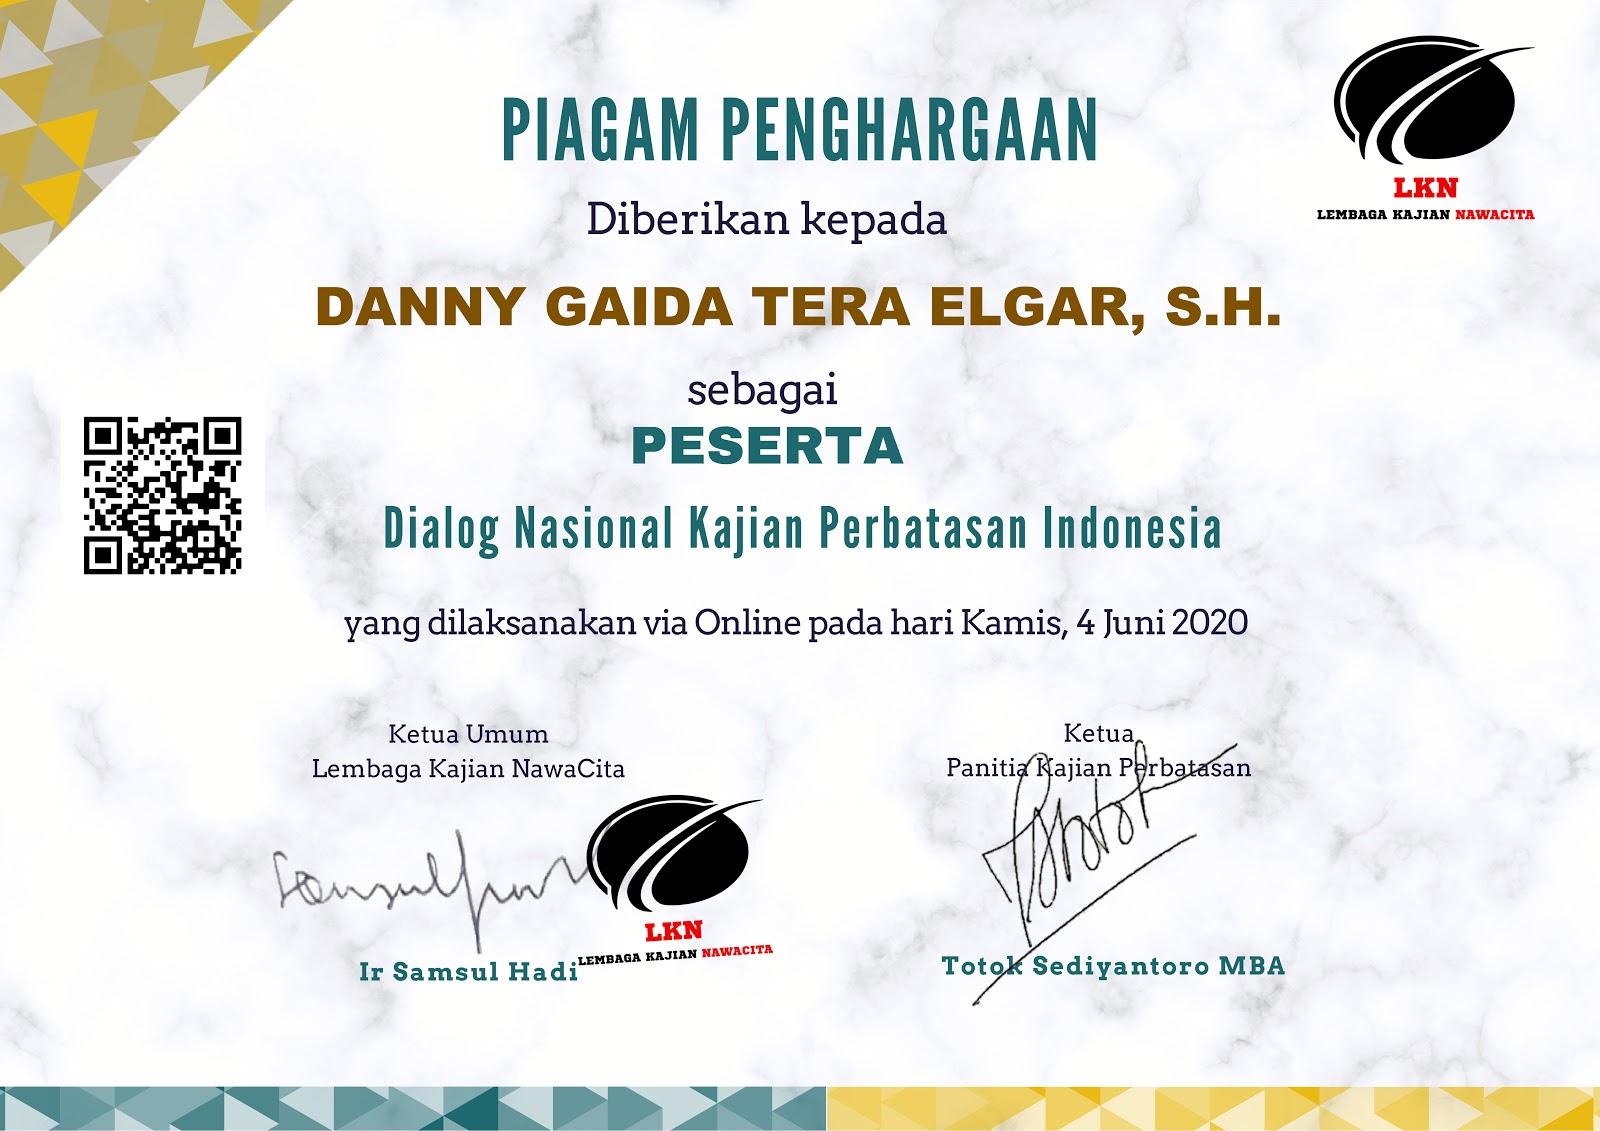 Piagam Penghargaan Dialog Nasional Kajian Perbatasan Indonesia (4 JUNI 2020)